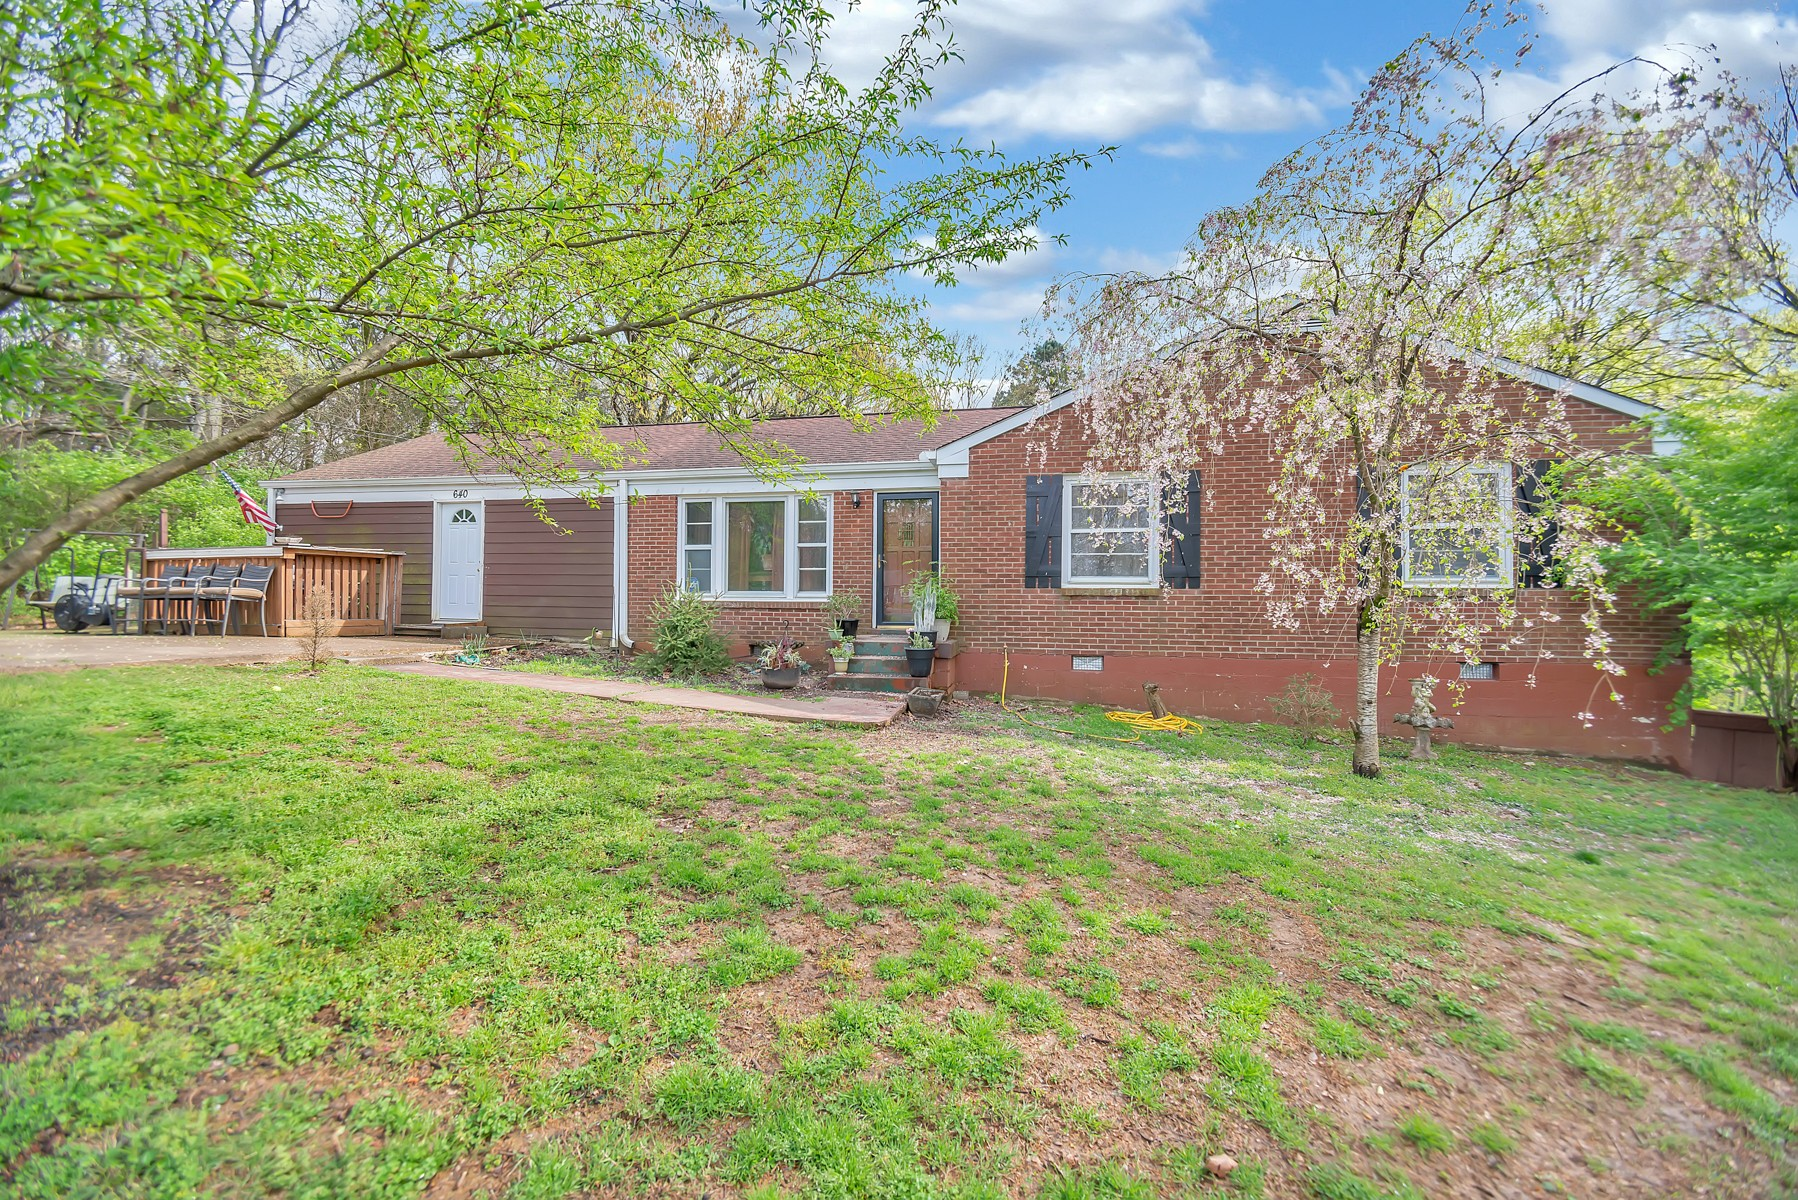 640 Vinson Dr, Nashville, TN 37217 - Nashville, TN real estate listing